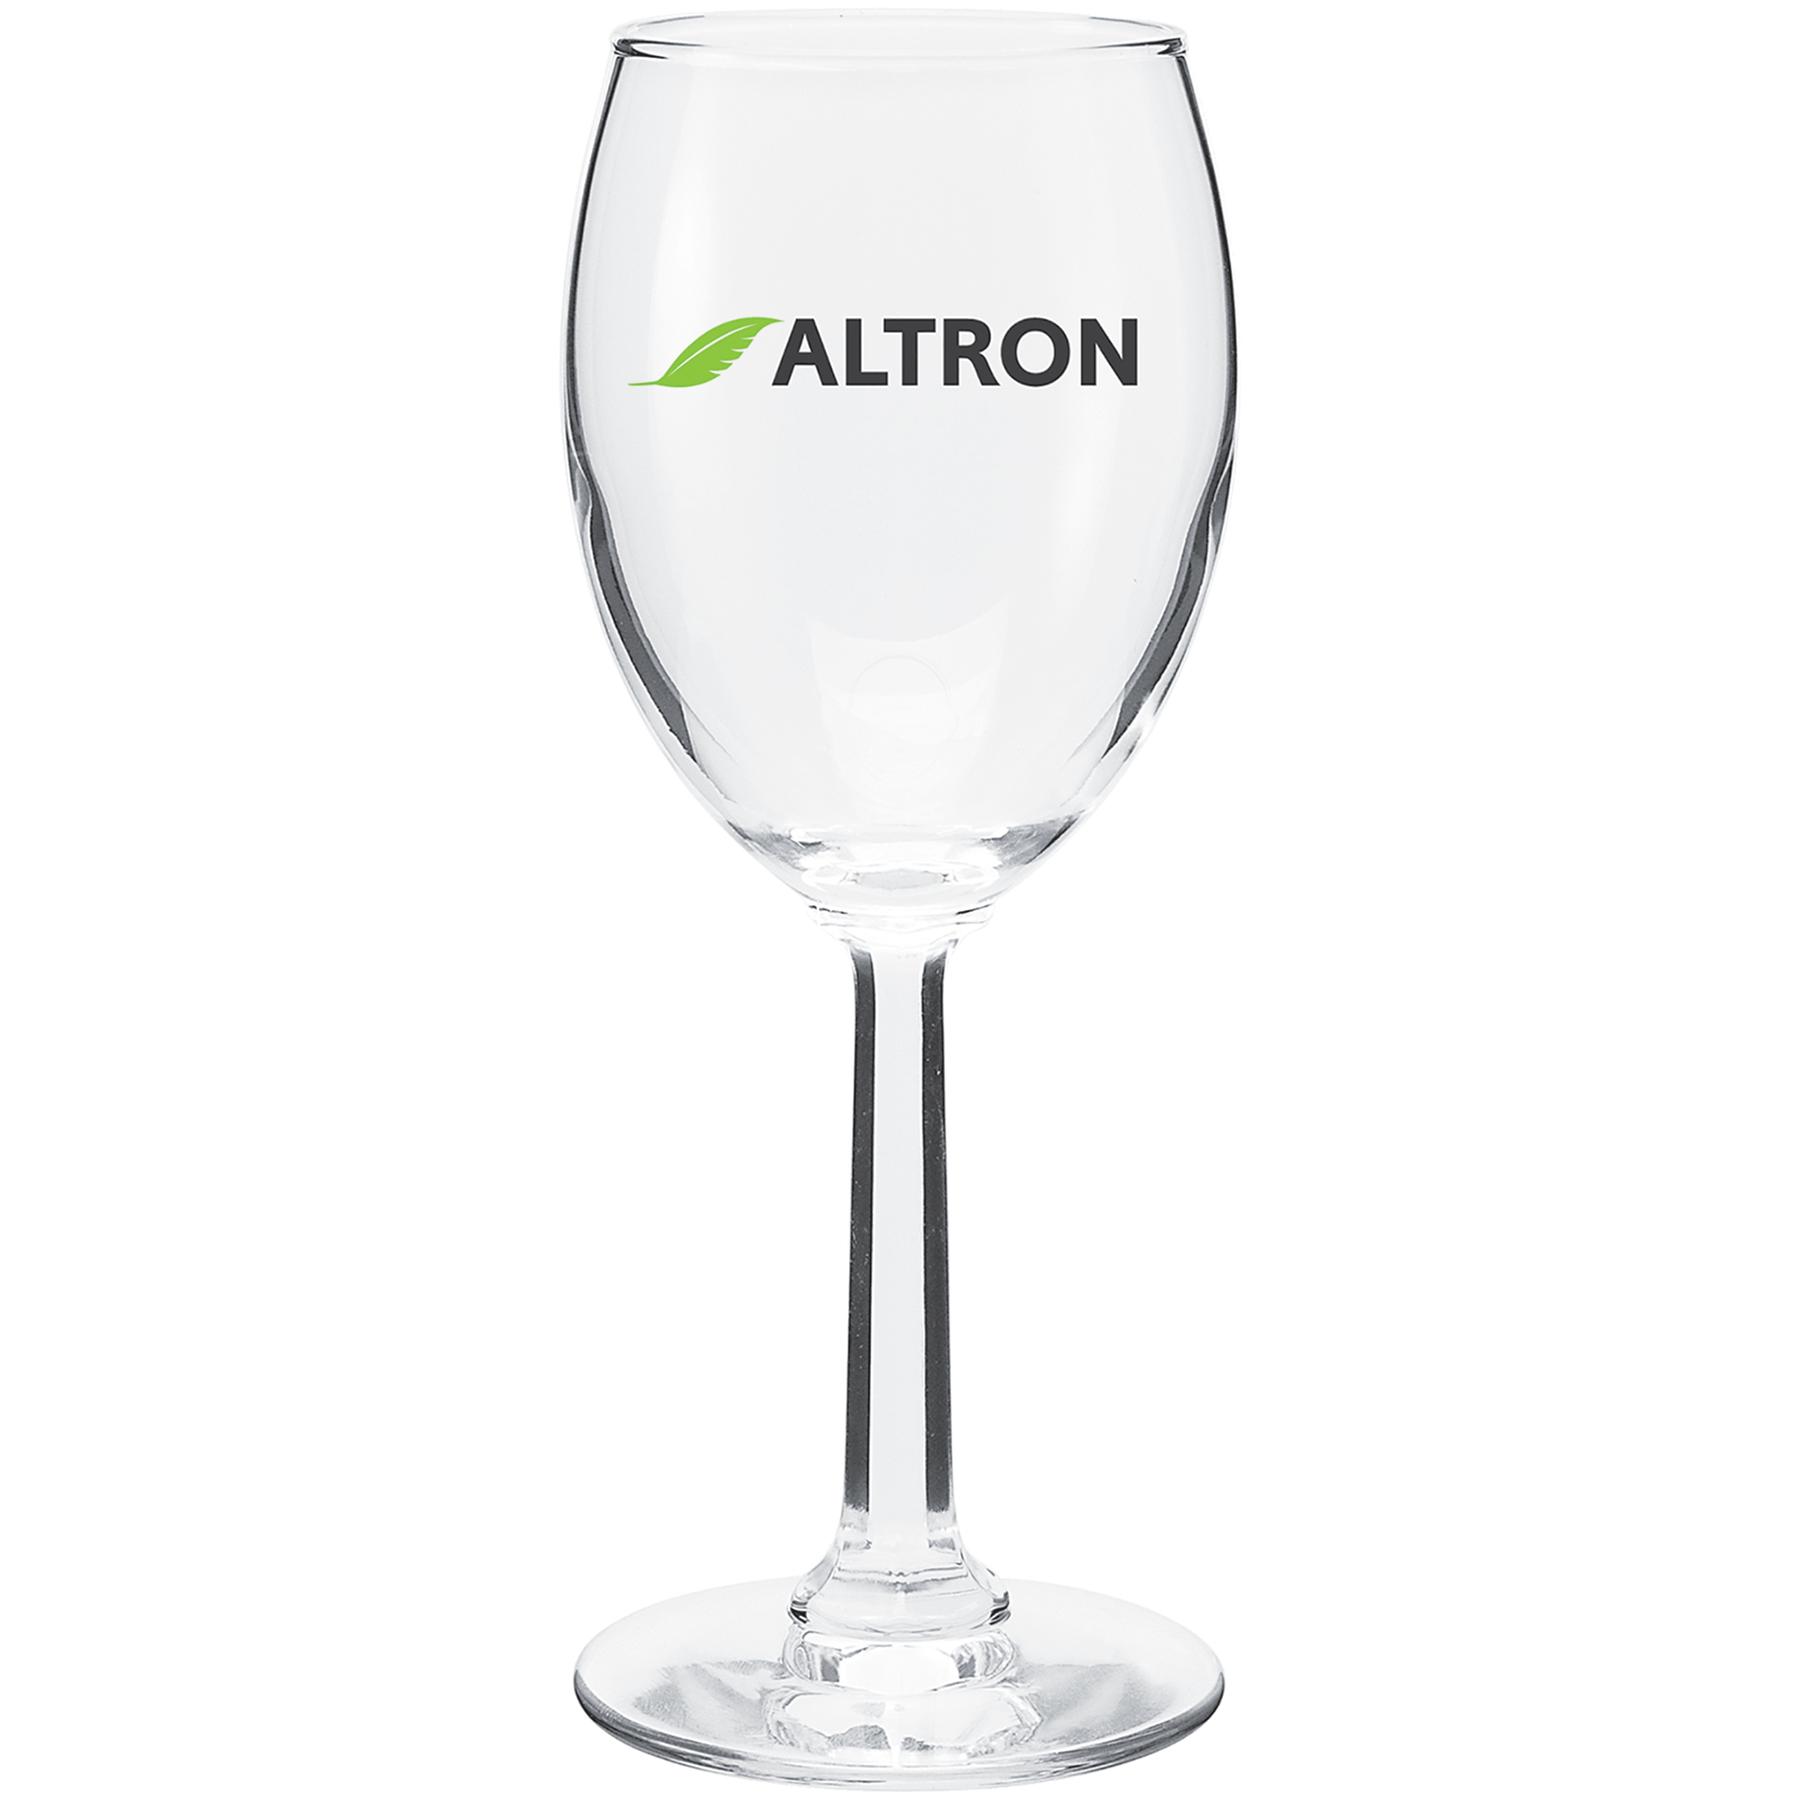 6.5 Oz. Napa Wine Glass